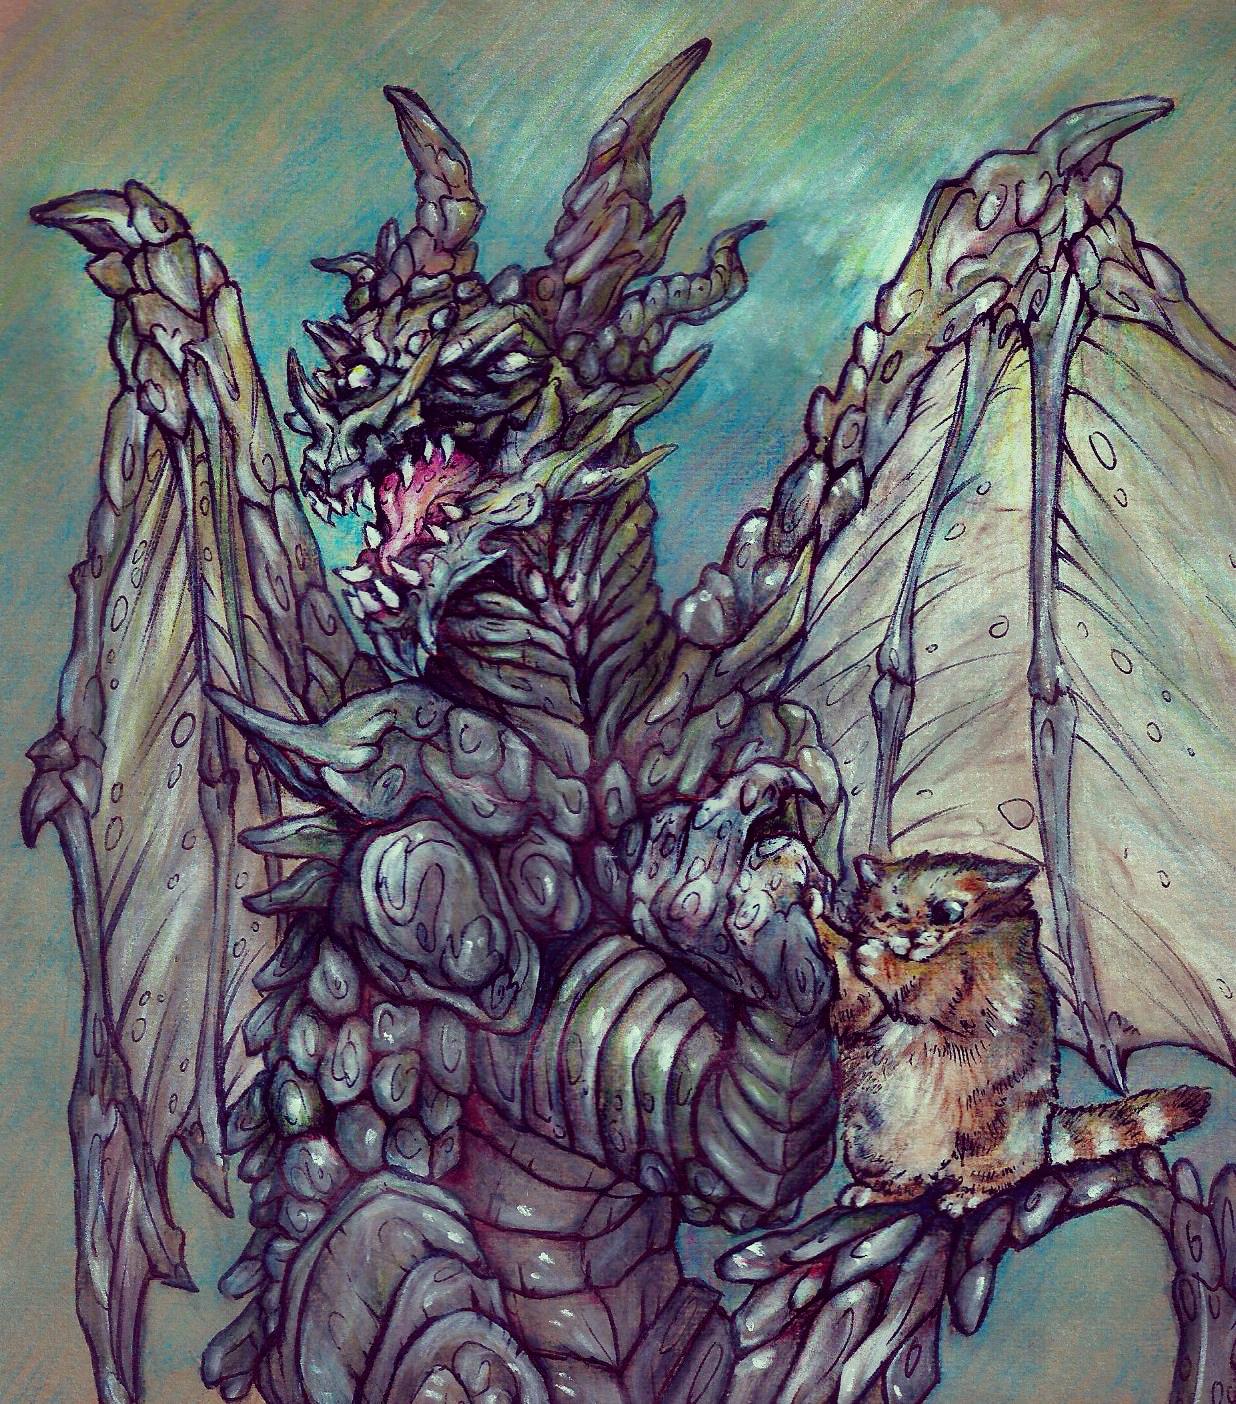 Armwrestling with da dragon